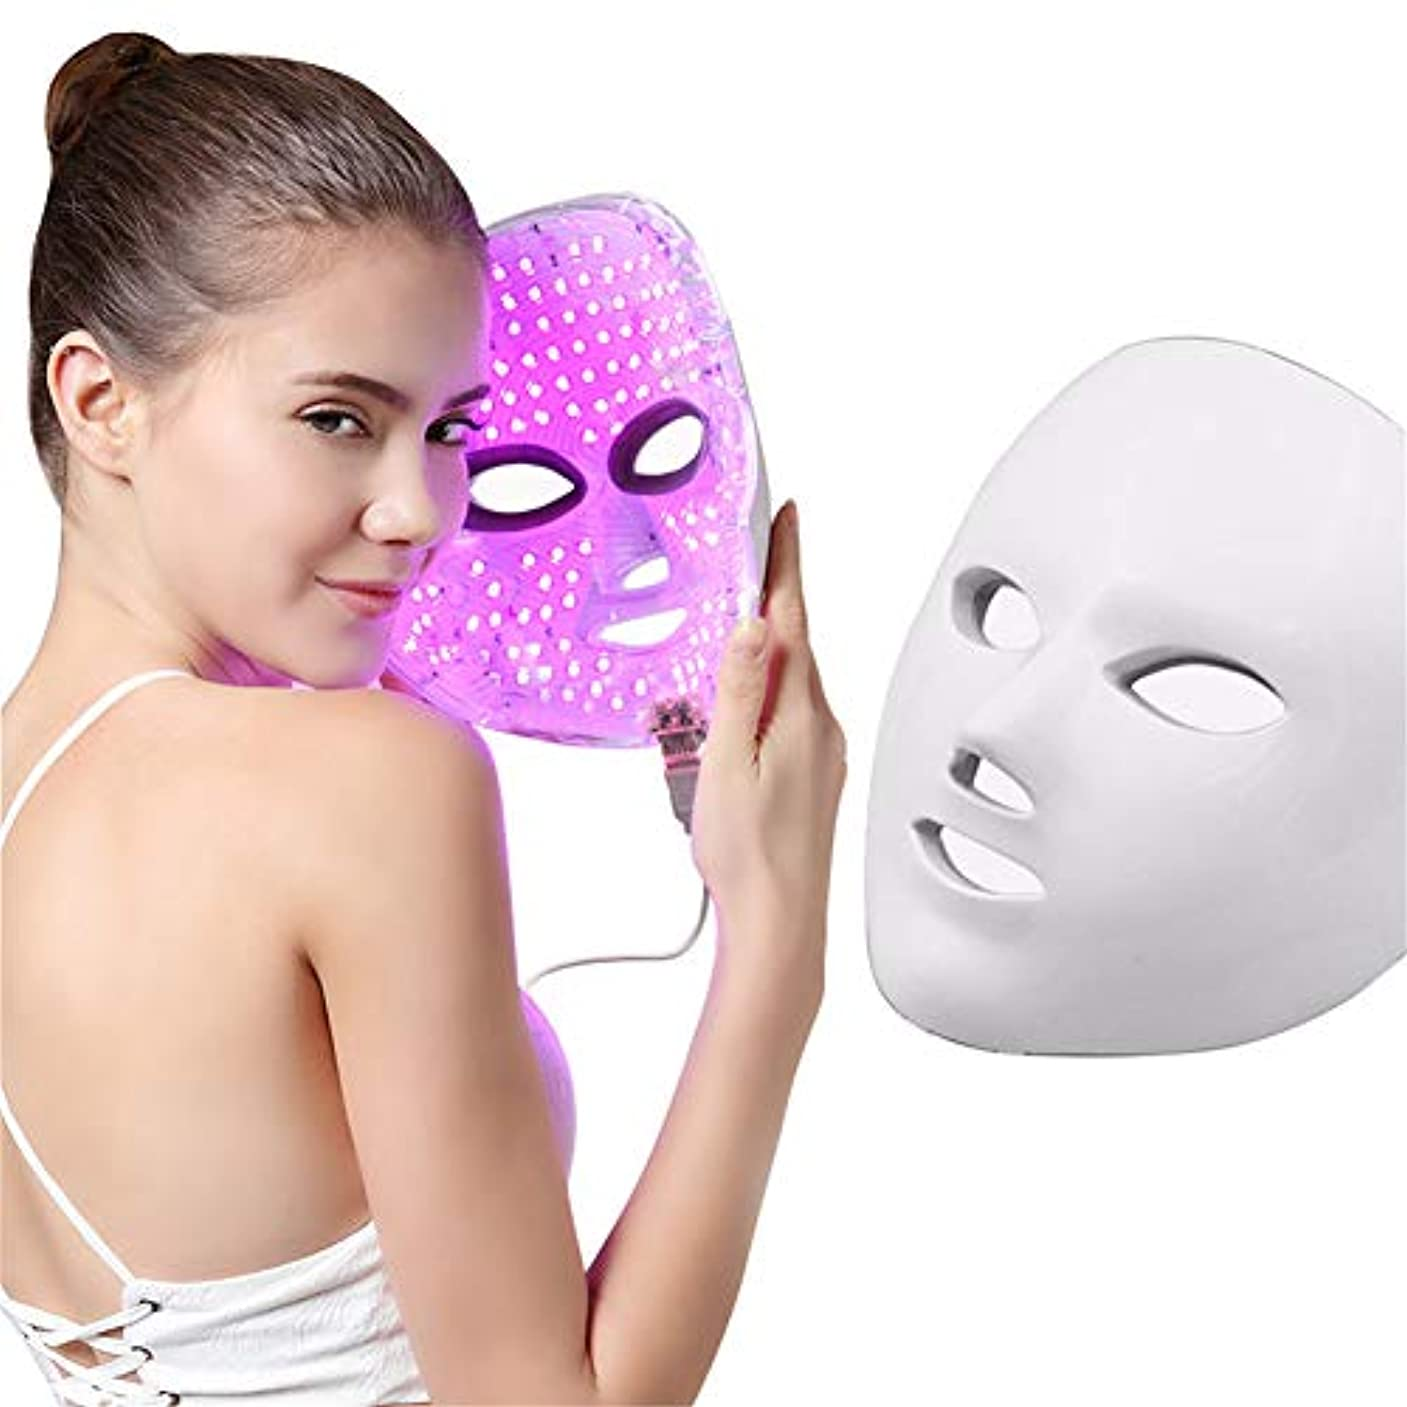 十分に警告島7色ledマスク若返りにきび除去しわライト美容マスクled光線療法マッサージフェイシャルケア機付きリモコン